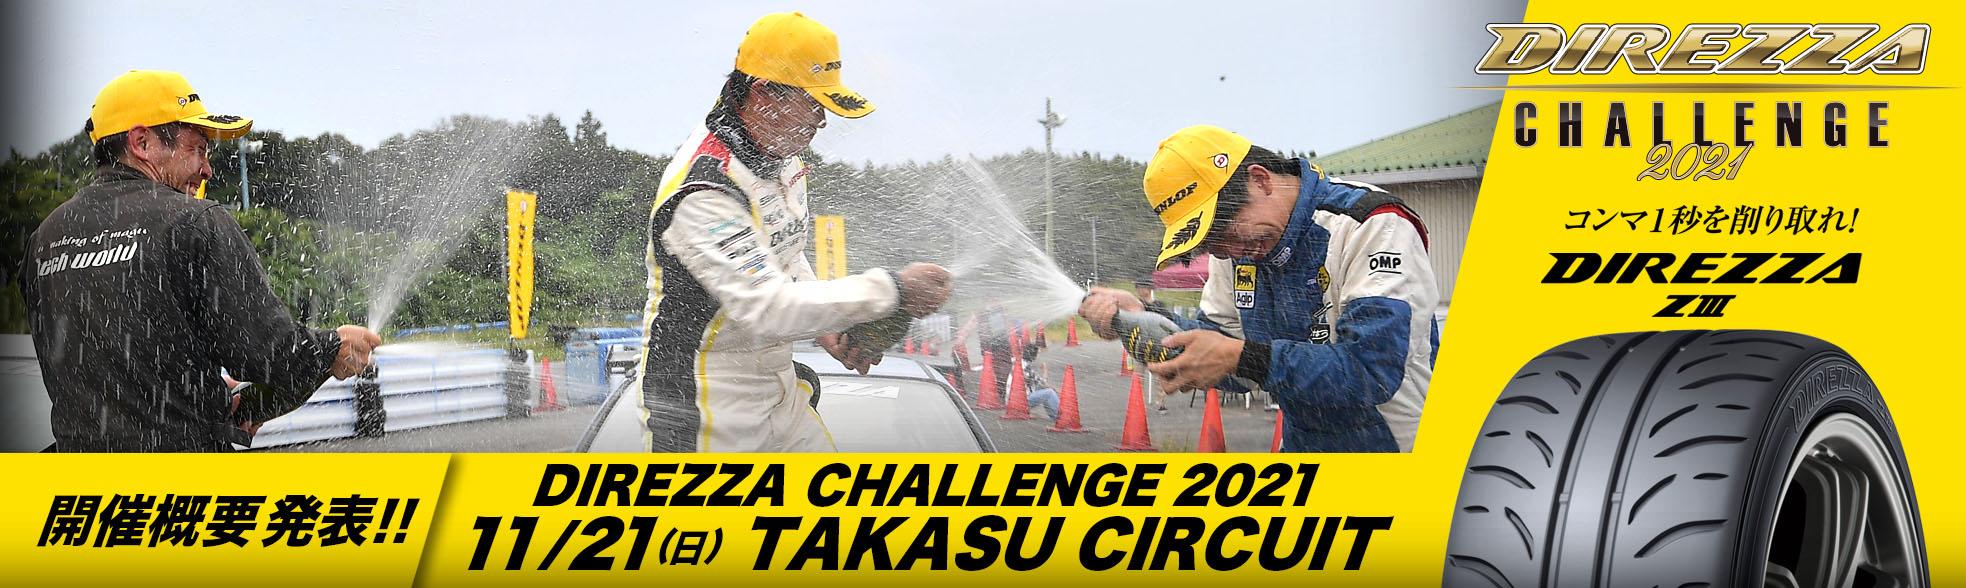 DIREZZA CHALLENGE 2021 開催概要